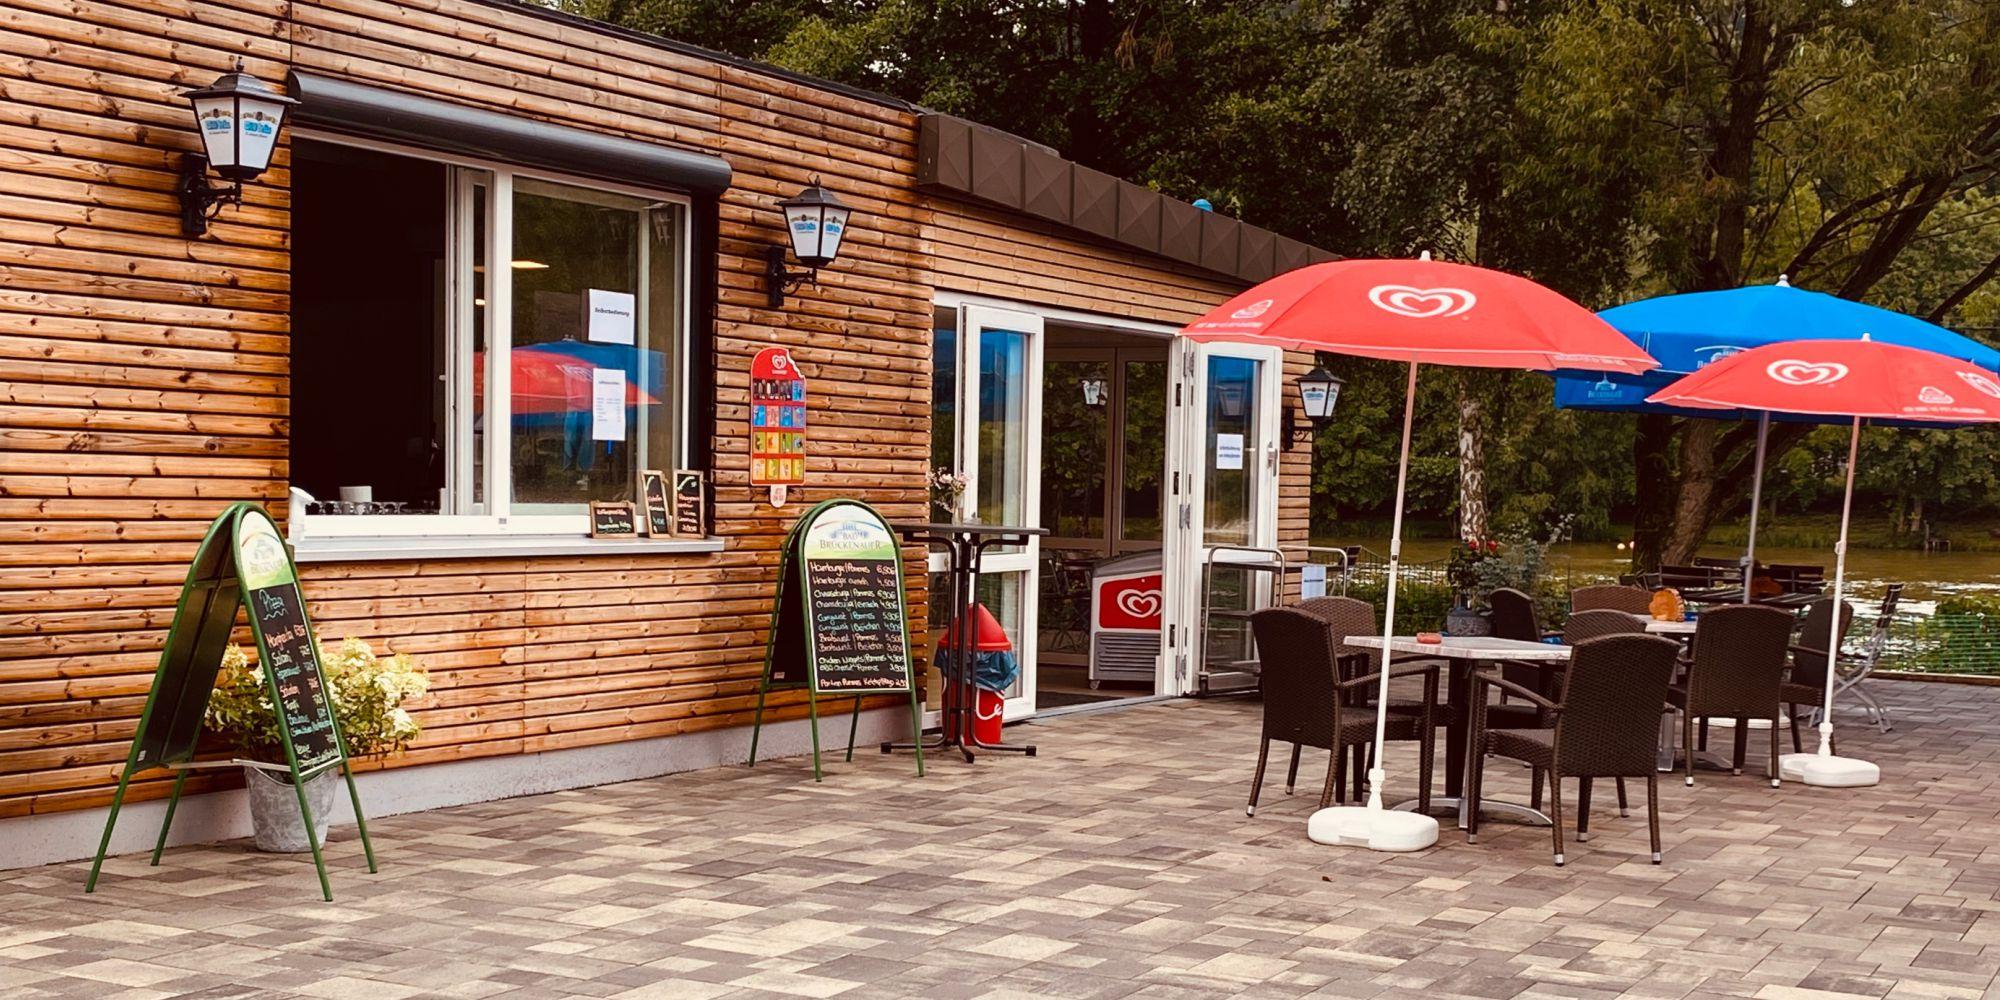 Brauhaus-am-see-bistro-restaurant